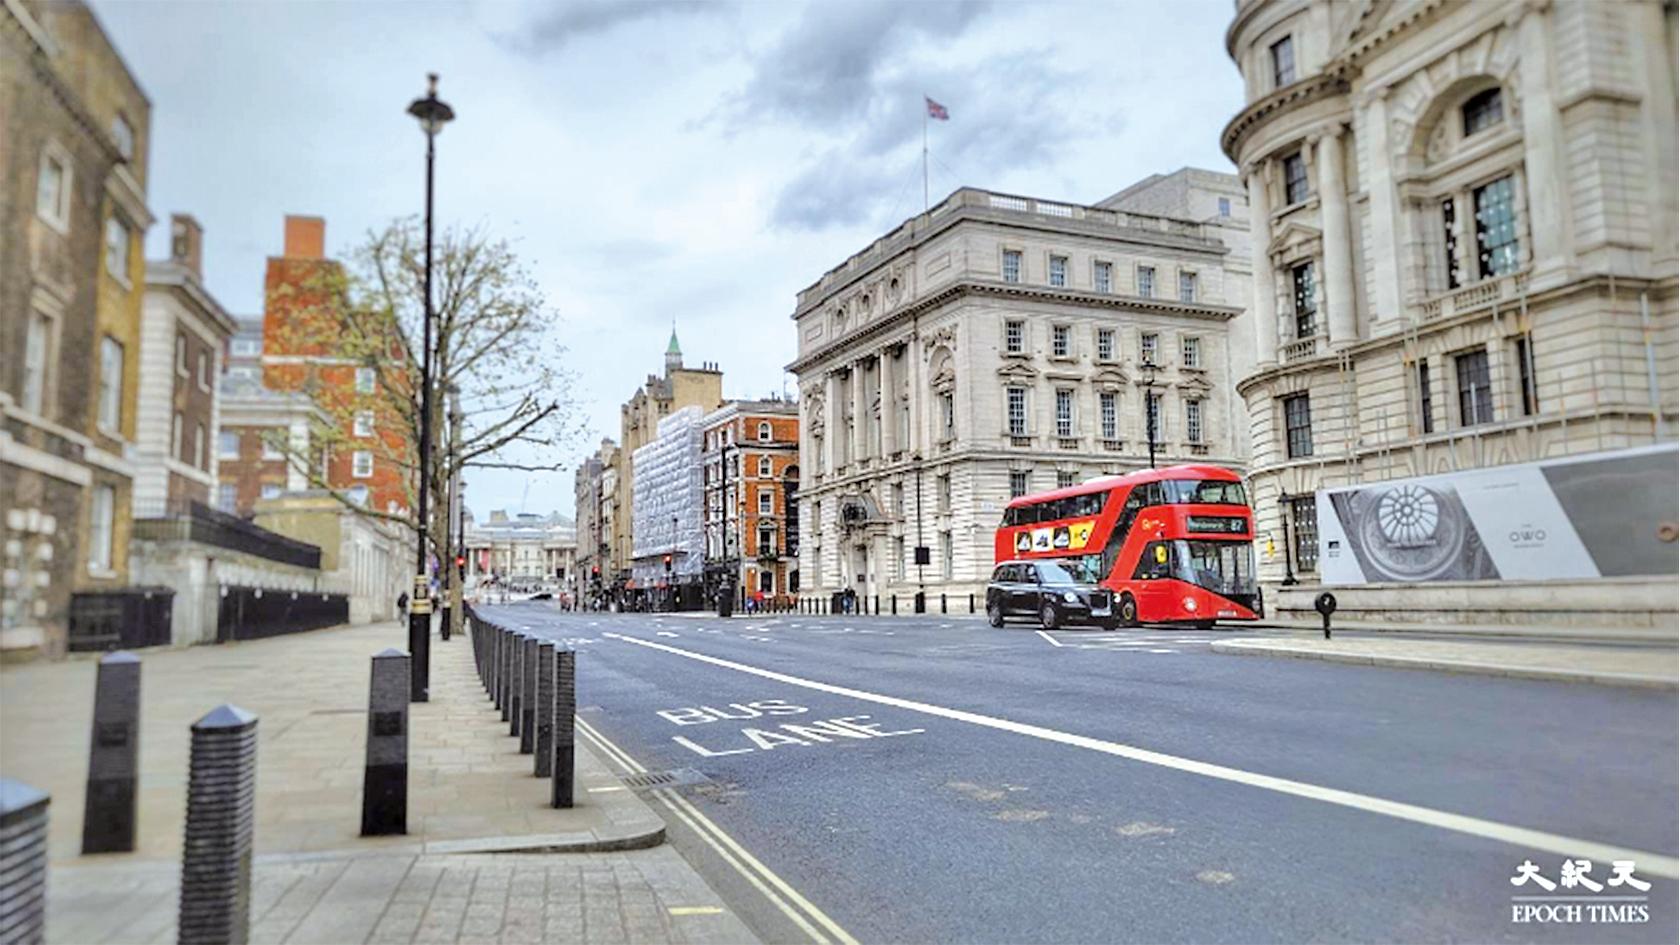 英國政府修例,容許BNO貧困人士申請政府資助。圖為倫敦唐寧街10號外。(文苳晴/大紀元)